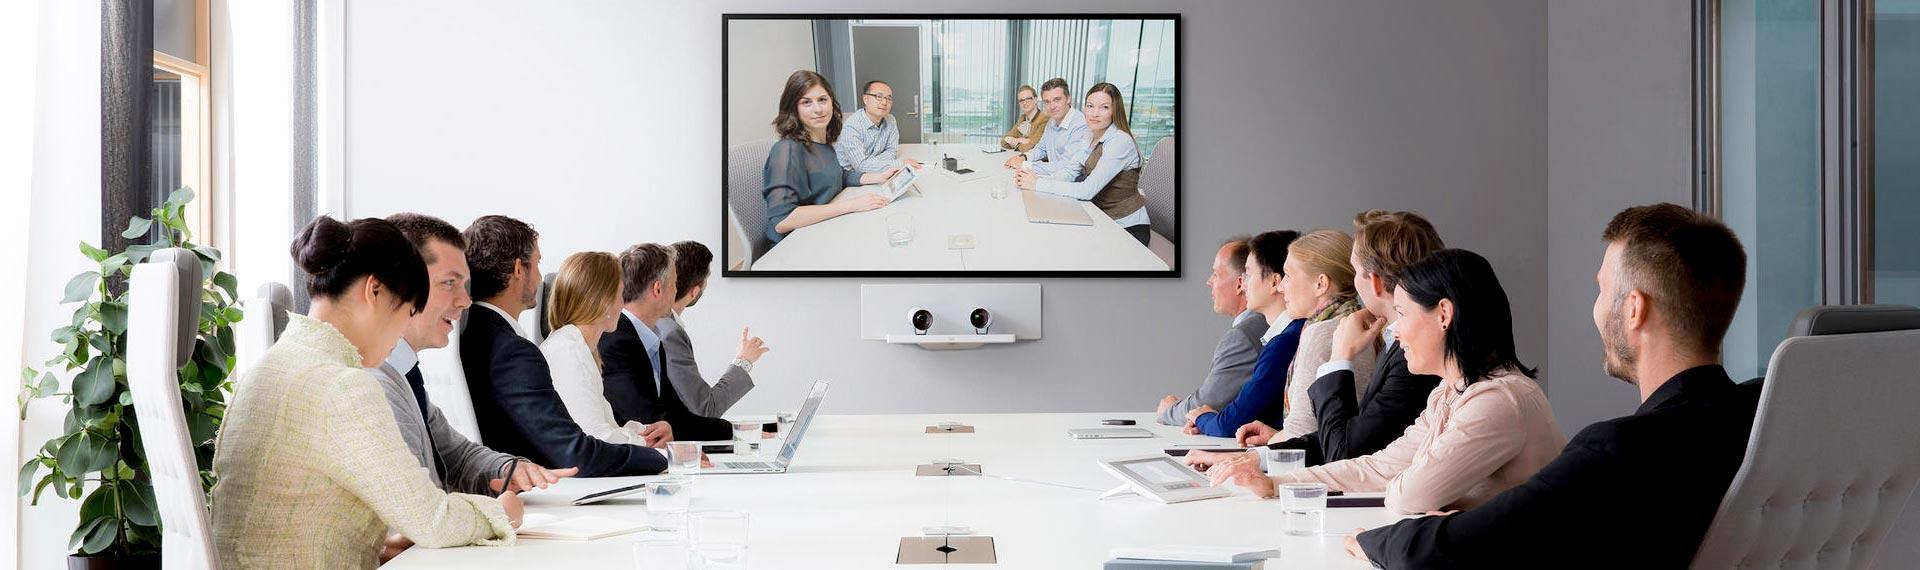 Sistemi di Videoconferenza meeting videochiamata